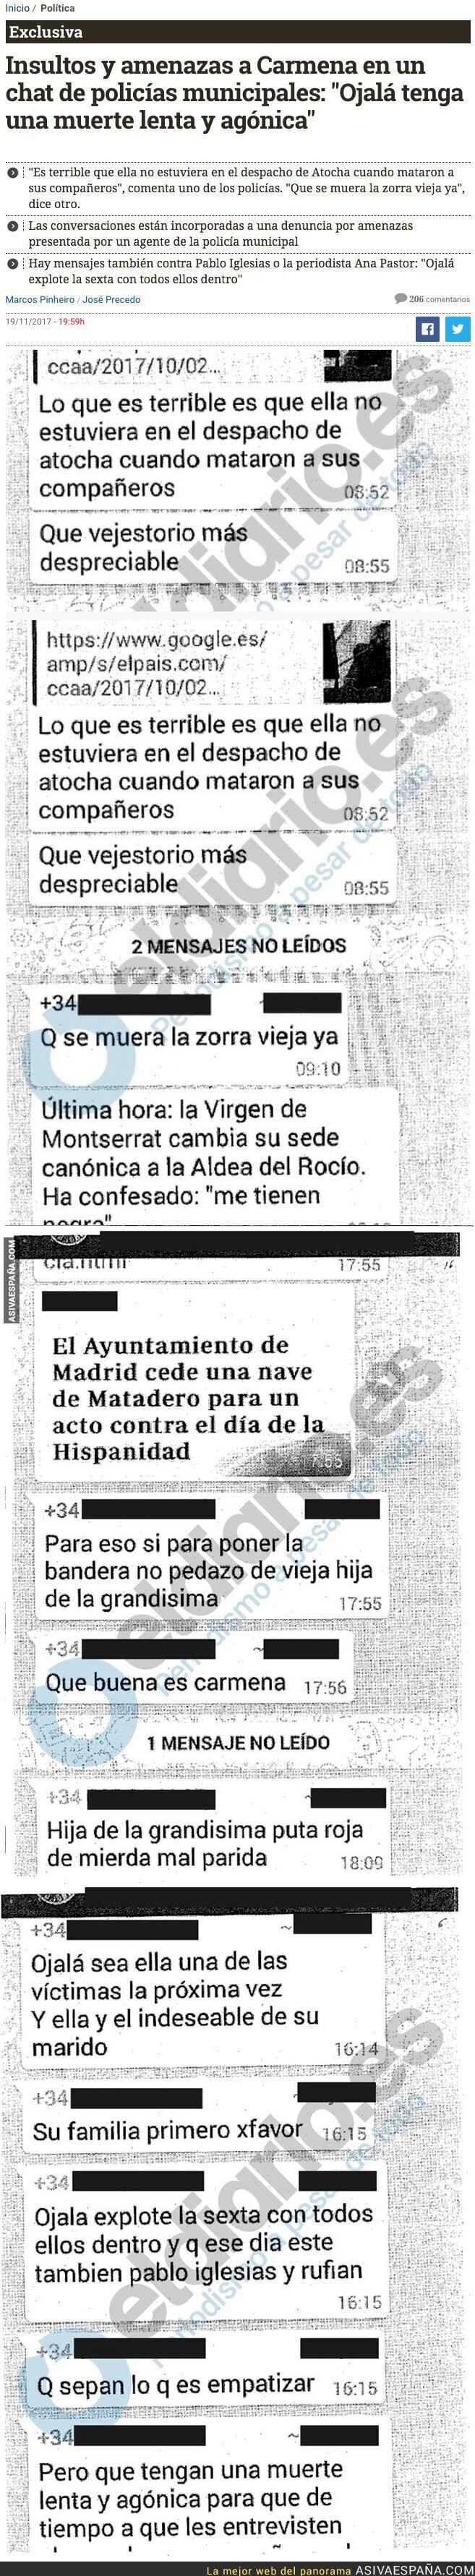 79036 - Los lamentables insultos y amenazas que recibe Manuela Carmena en un chat de Policías